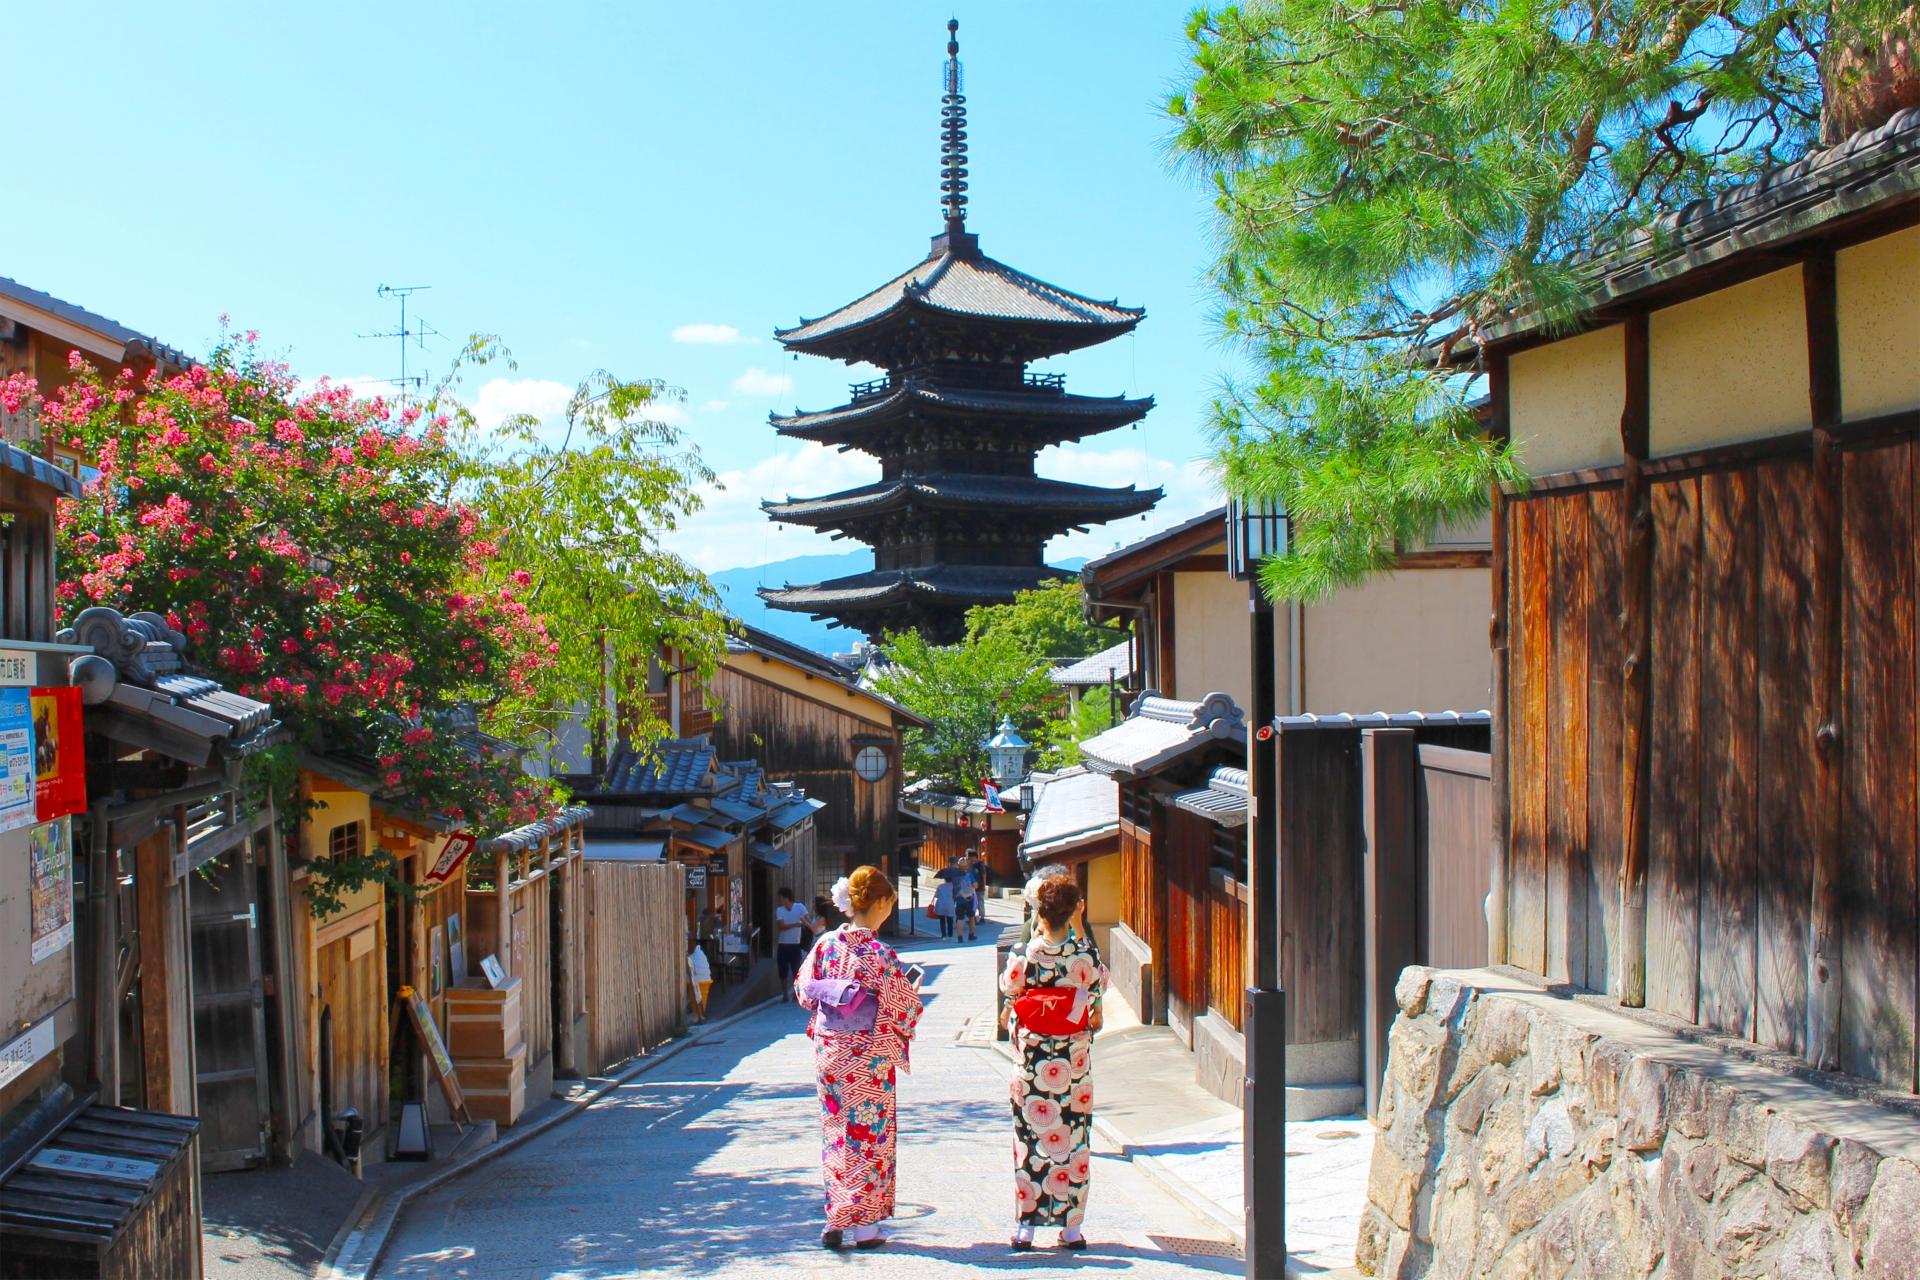 【京都へ新婚旅行】神奈川から京都への新婚旅行レポート